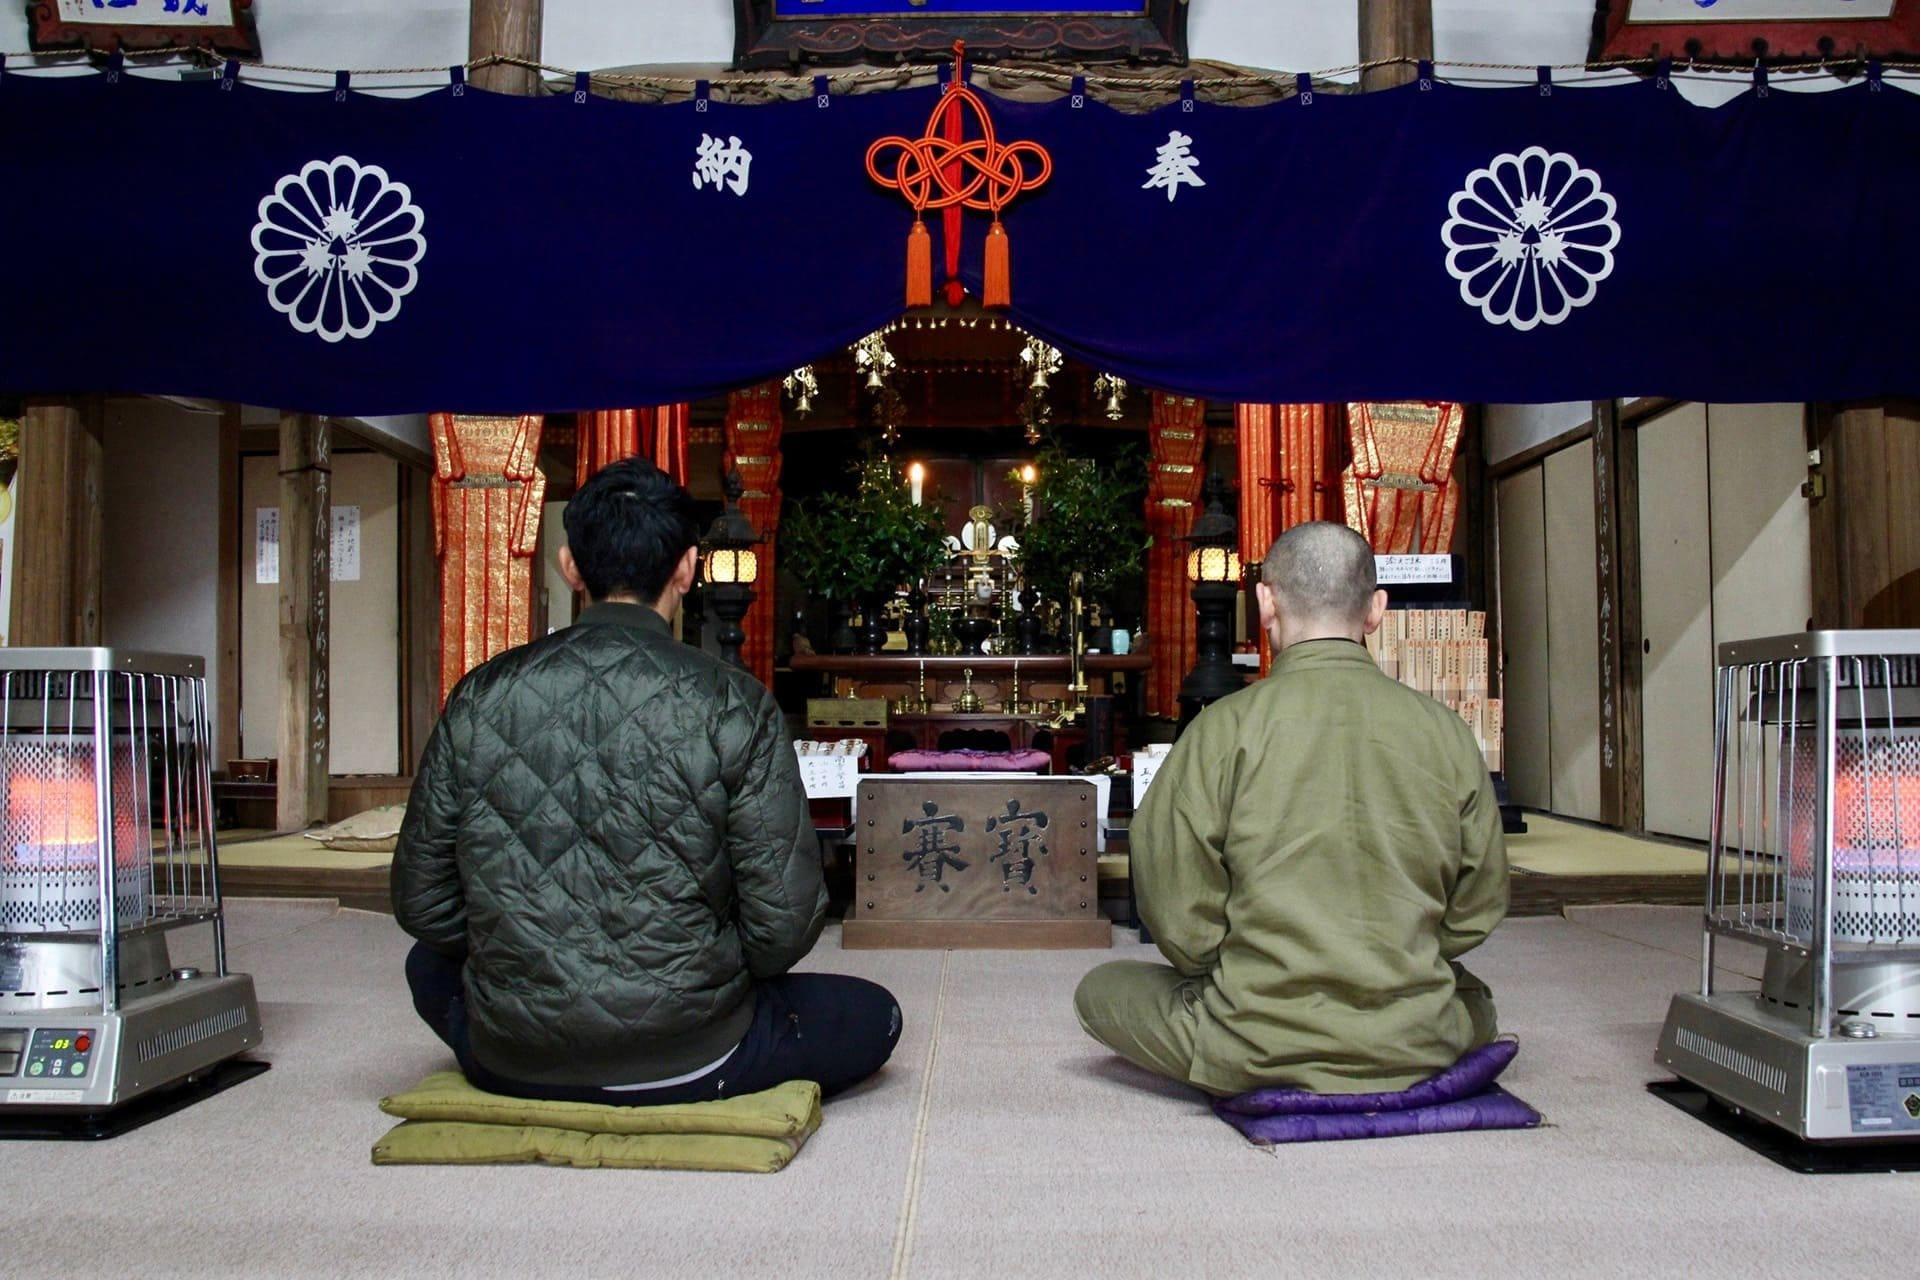 【予約制・店頭払いのみ】築400年の本堂で秘仏が見守る座禅体験のイメージその1